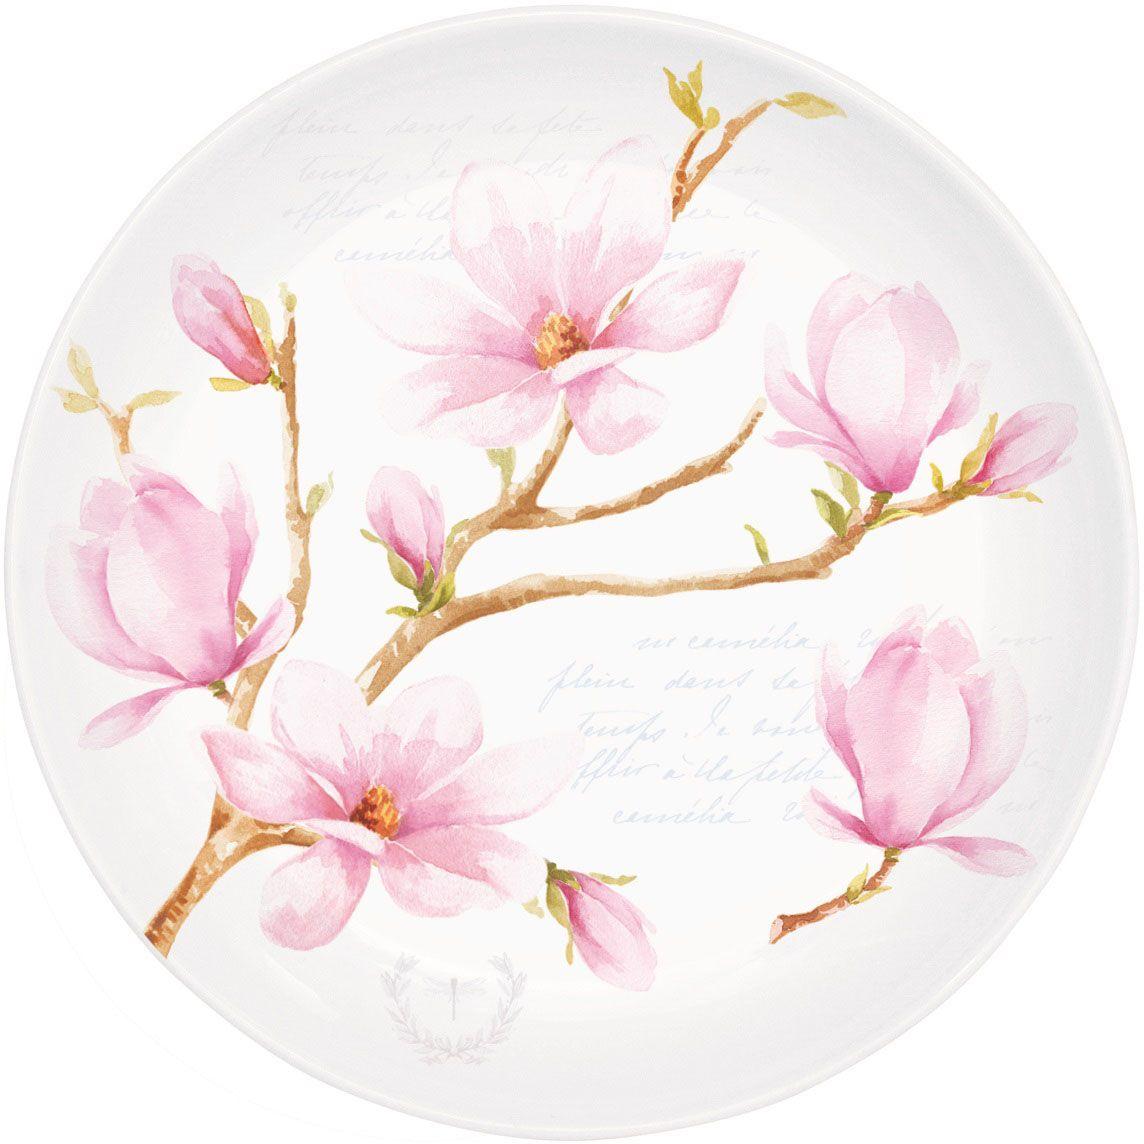 Тарелка десертная Nuova R2S Розовая магнолия, в подарочной упаковке, диаметр 19 см324MAGNДесертная тарелка Розовая магнолия выполнена из фарфора. Изделие прекрасно подойдет в дополнение к кружке, коллекции или как самостоятельный предмет посуды.Диаметр: 19 см.